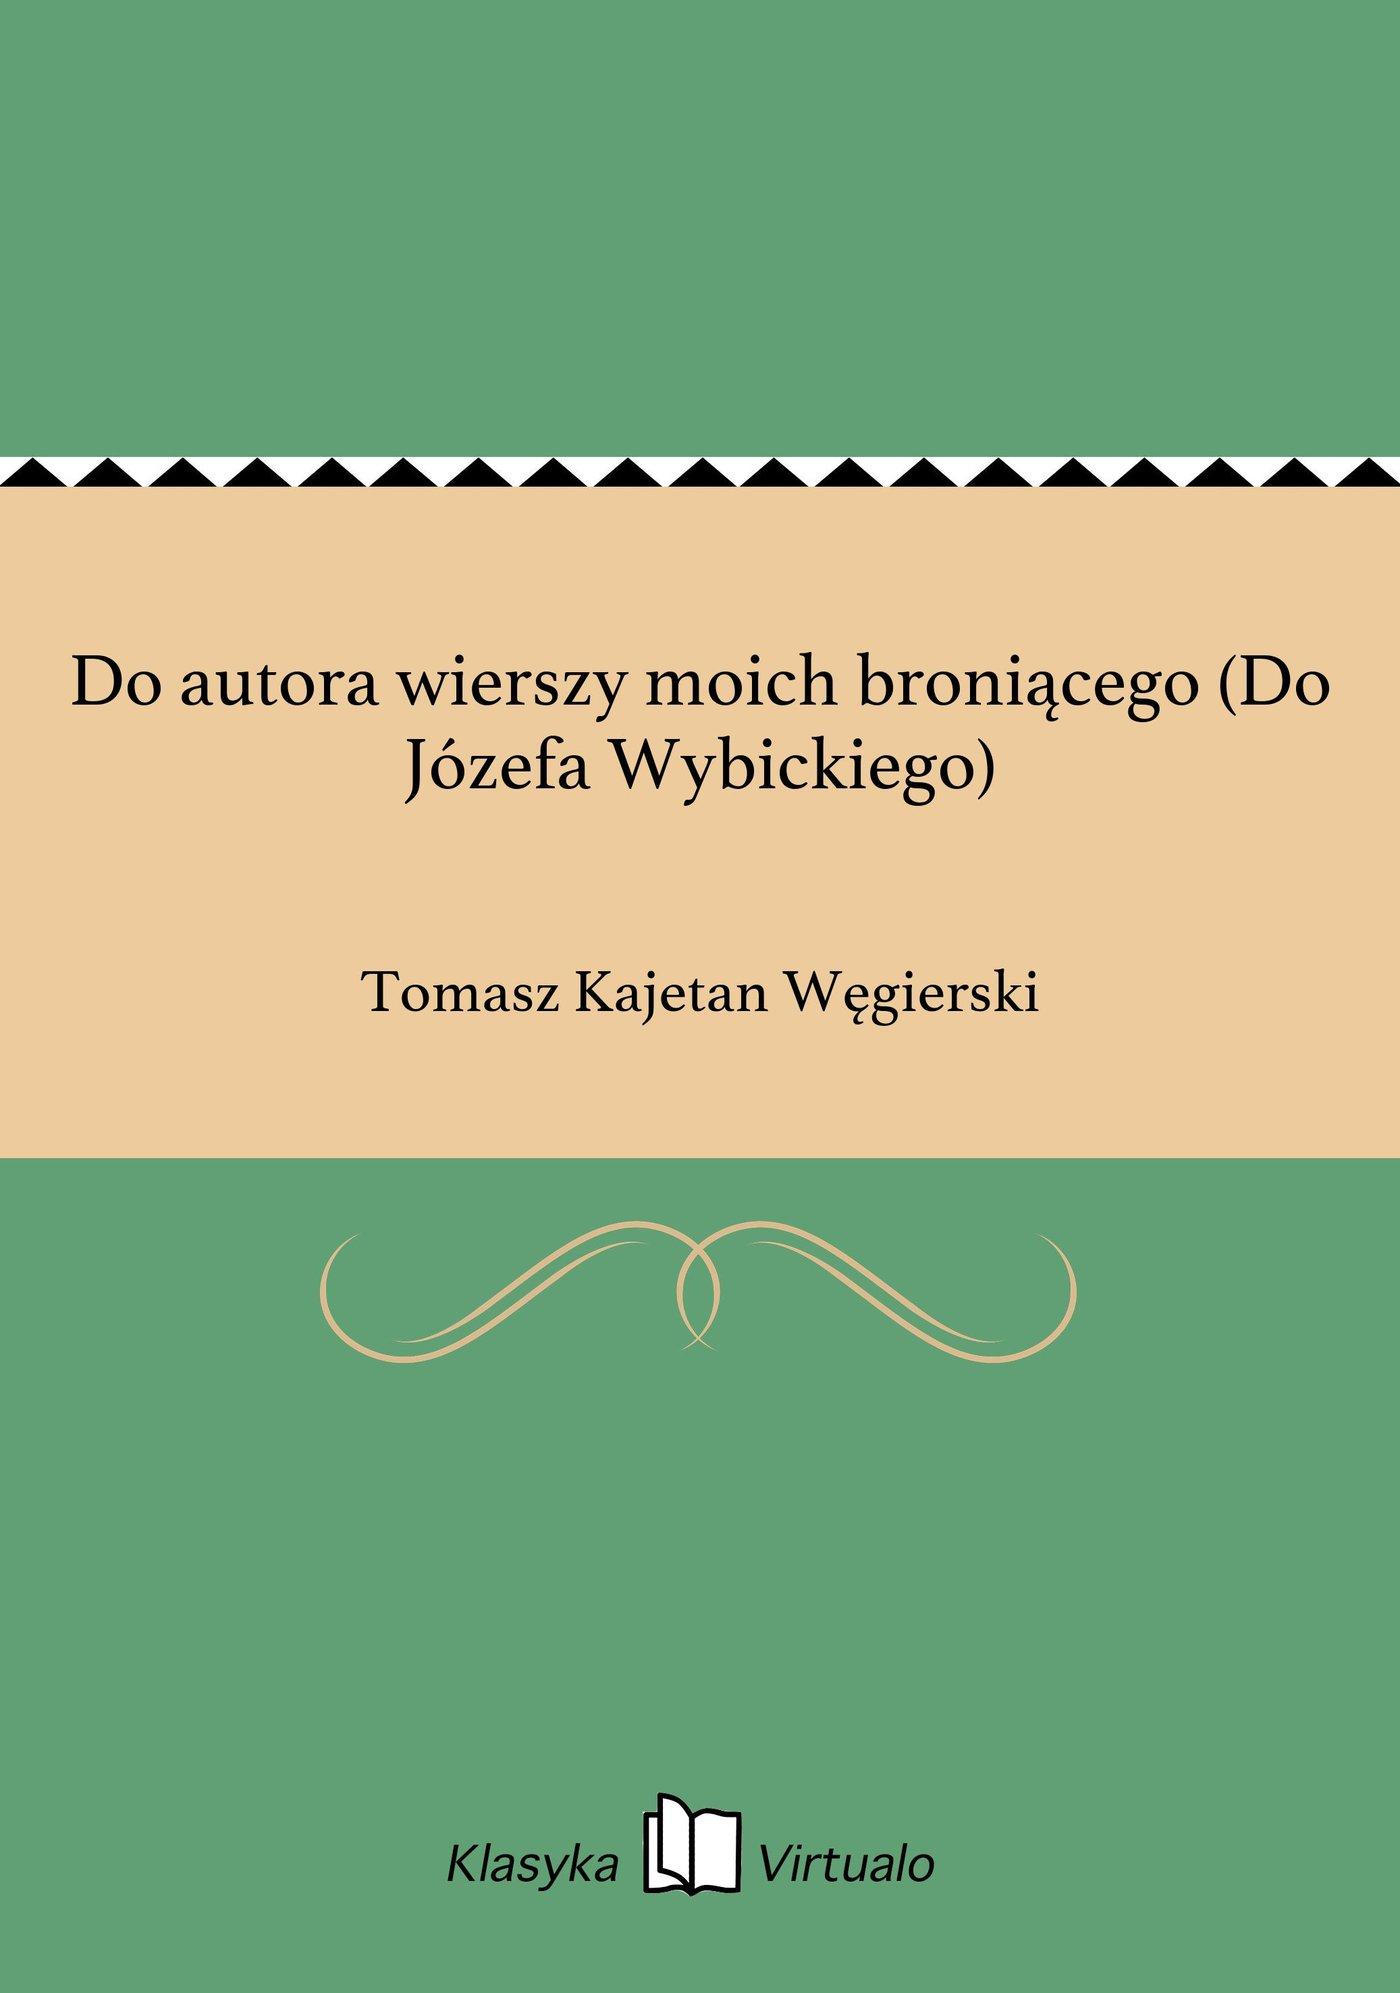 Do autora wierszy moich broniącego (Do Józefa Wybickiego) - Ebook (Książka EPUB) do pobrania w formacie EPUB